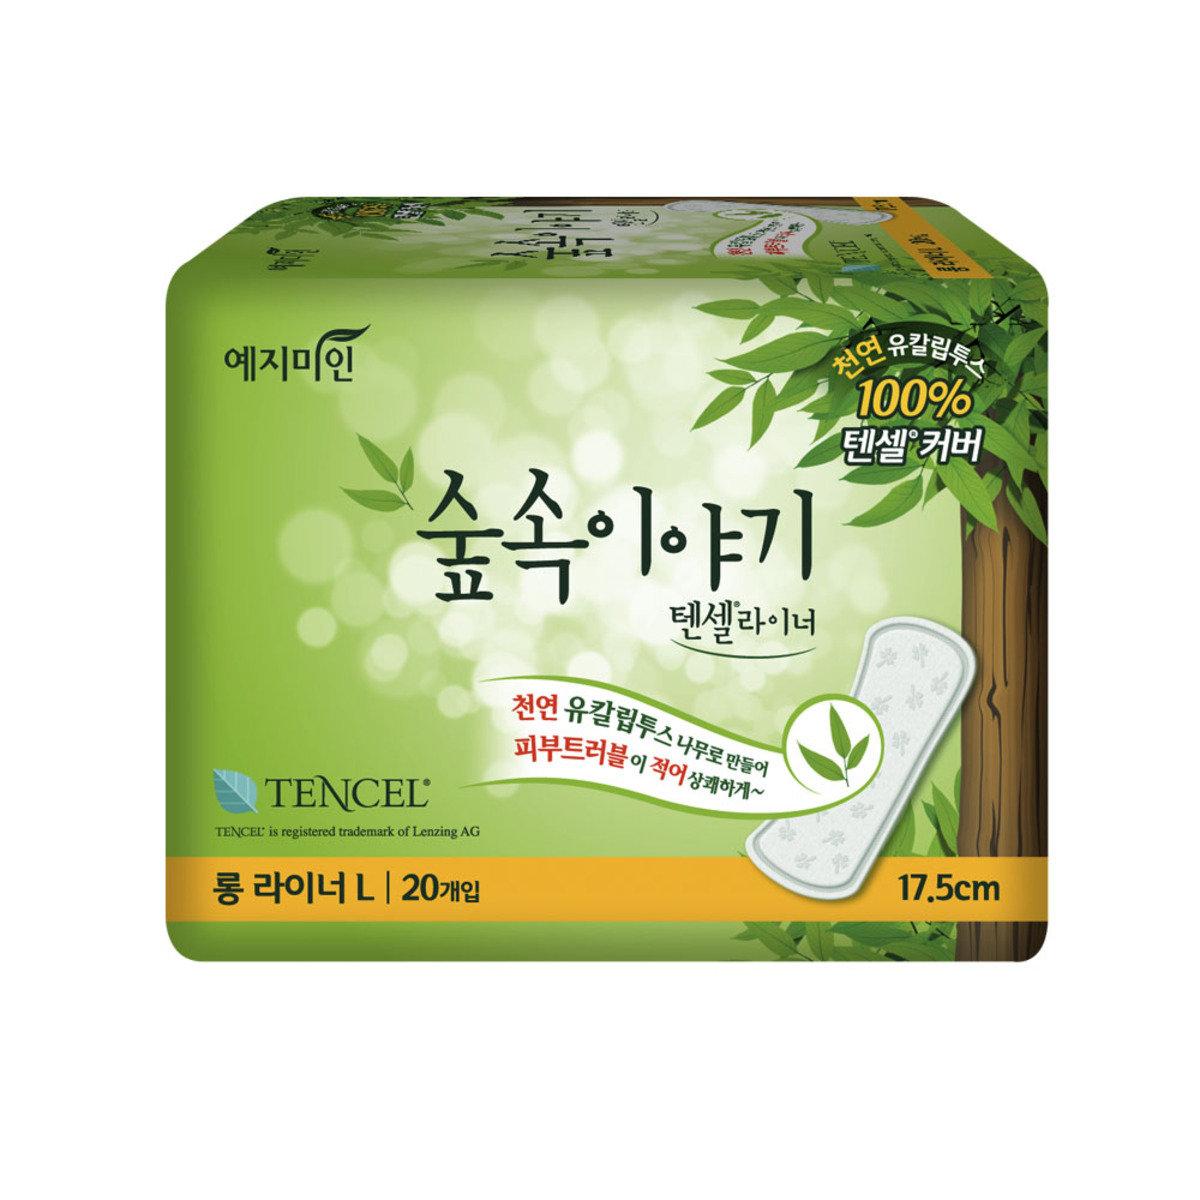 韓國天絲環保型抑菌護墊 17.5CM 20片裝